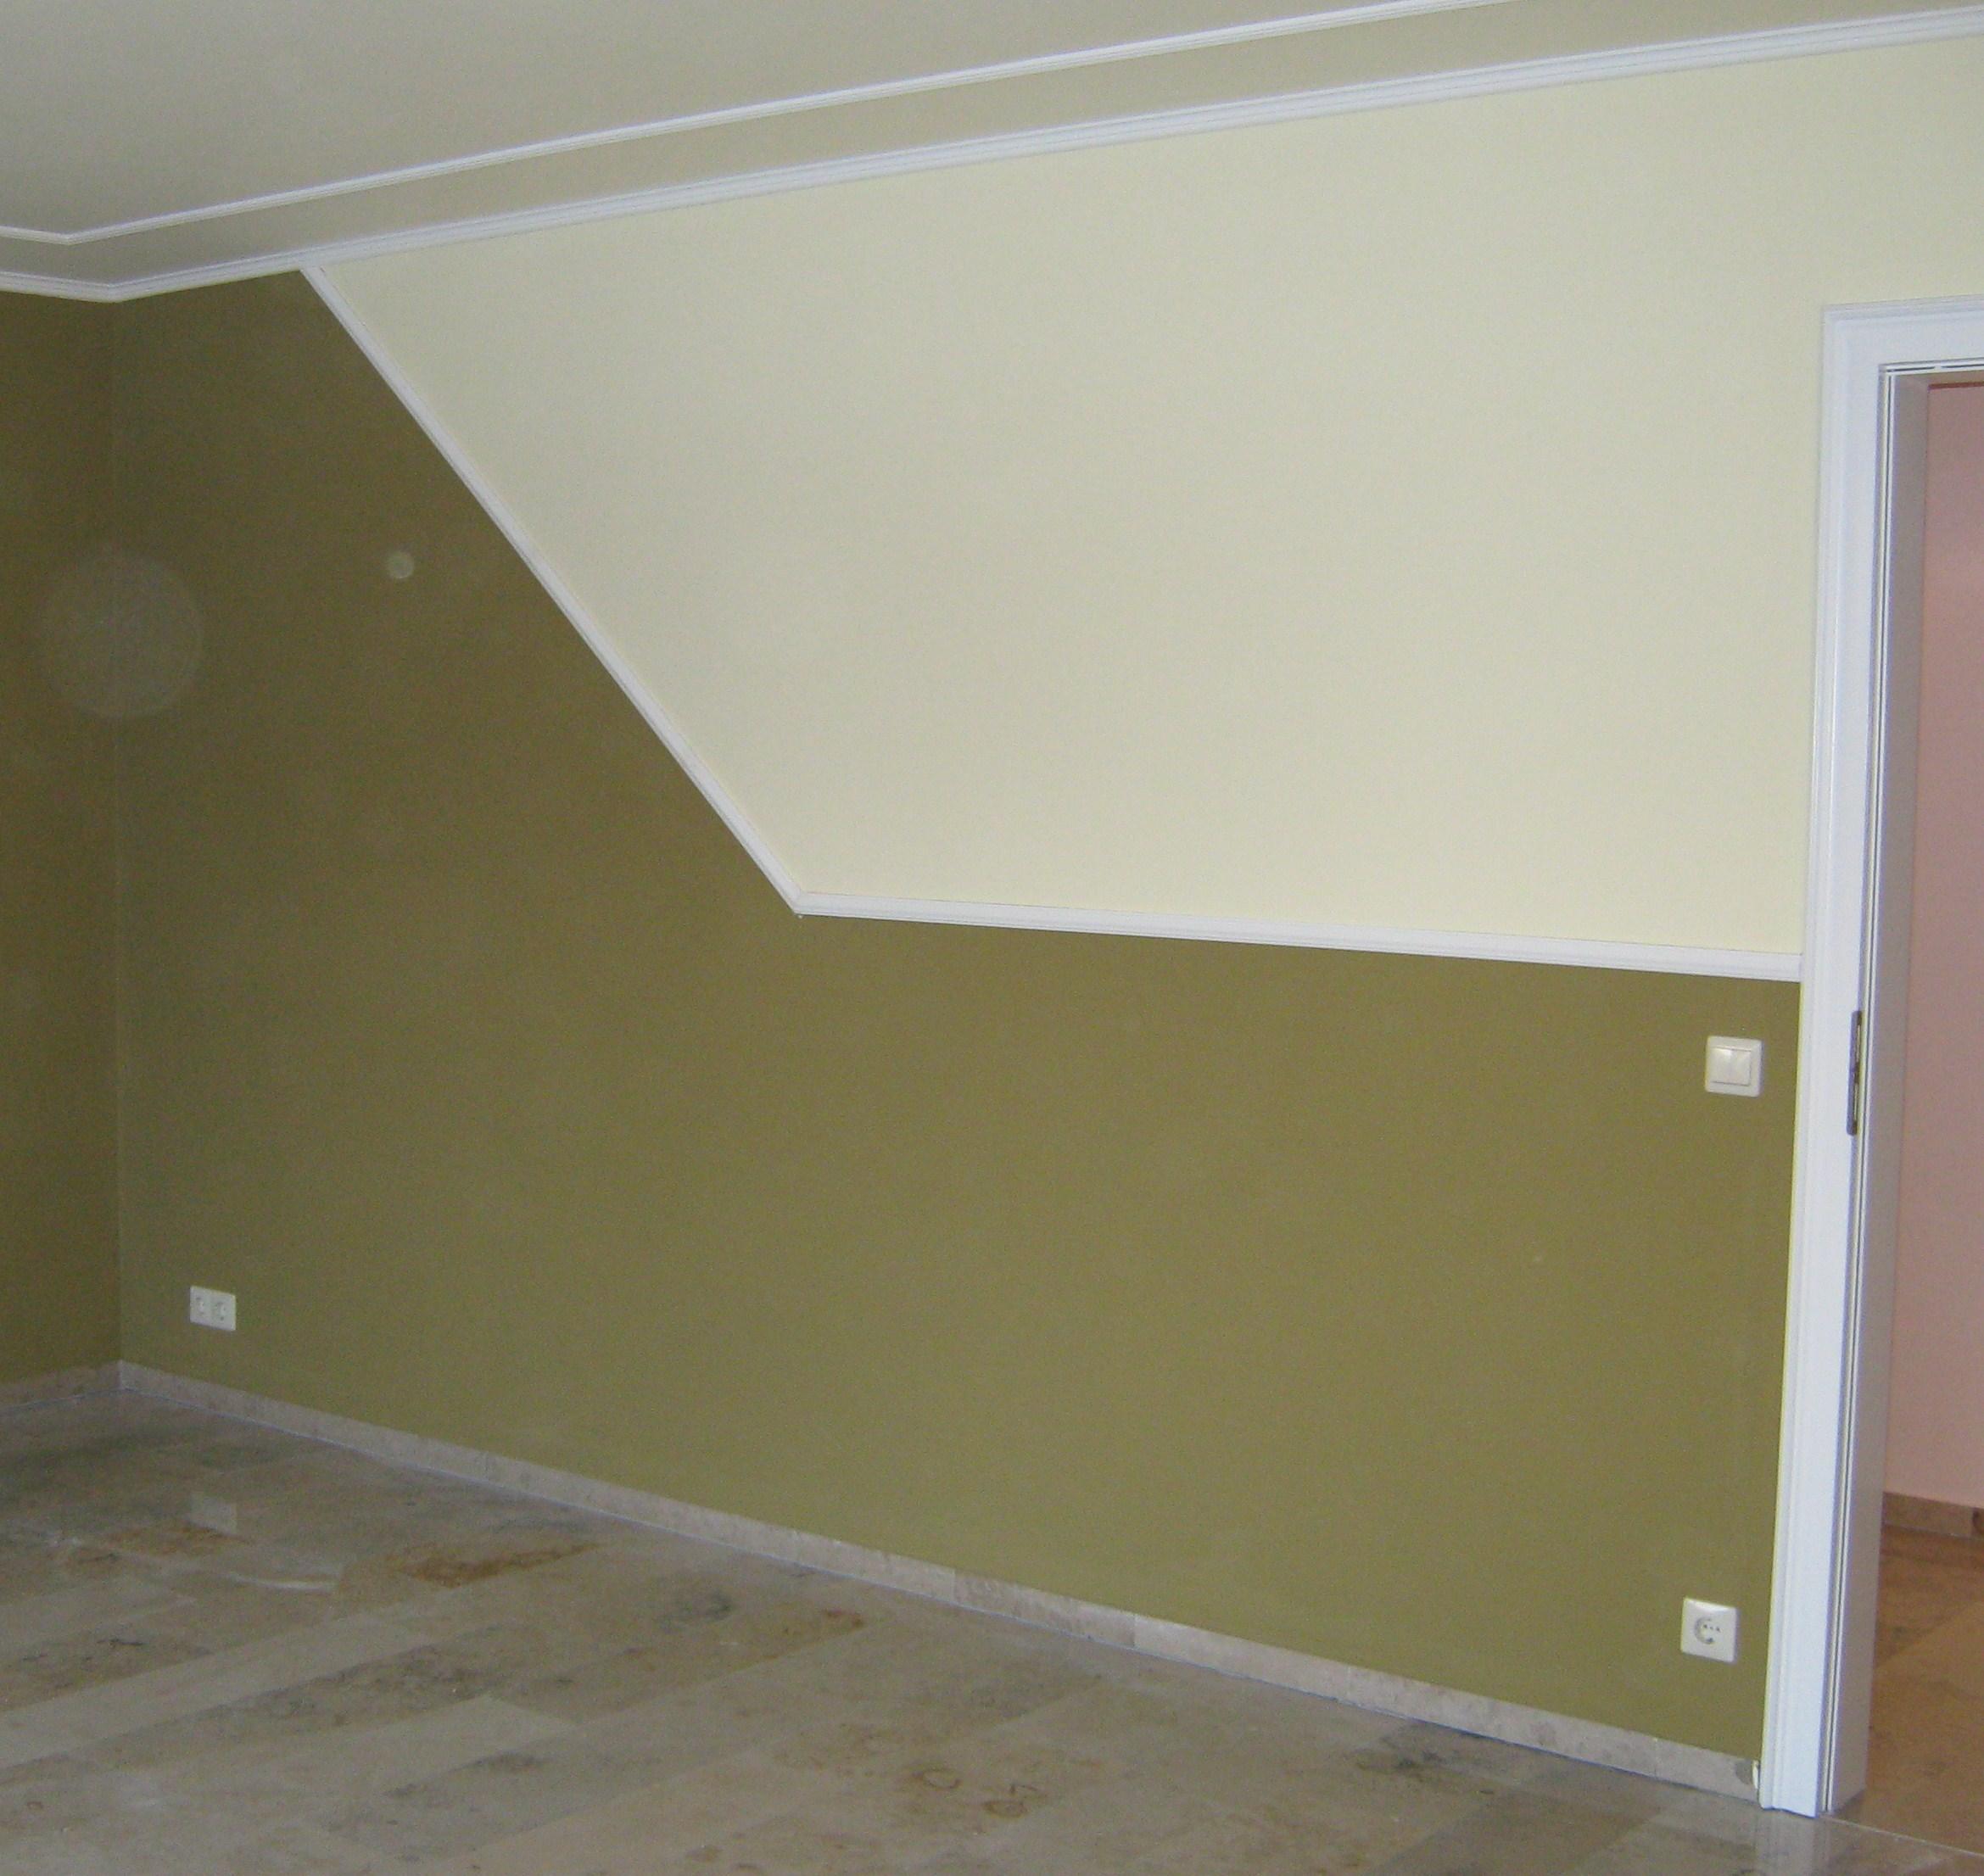 maler und tapezierarbeiten creativ flex. Black Bedroom Furniture Sets. Home Design Ideas